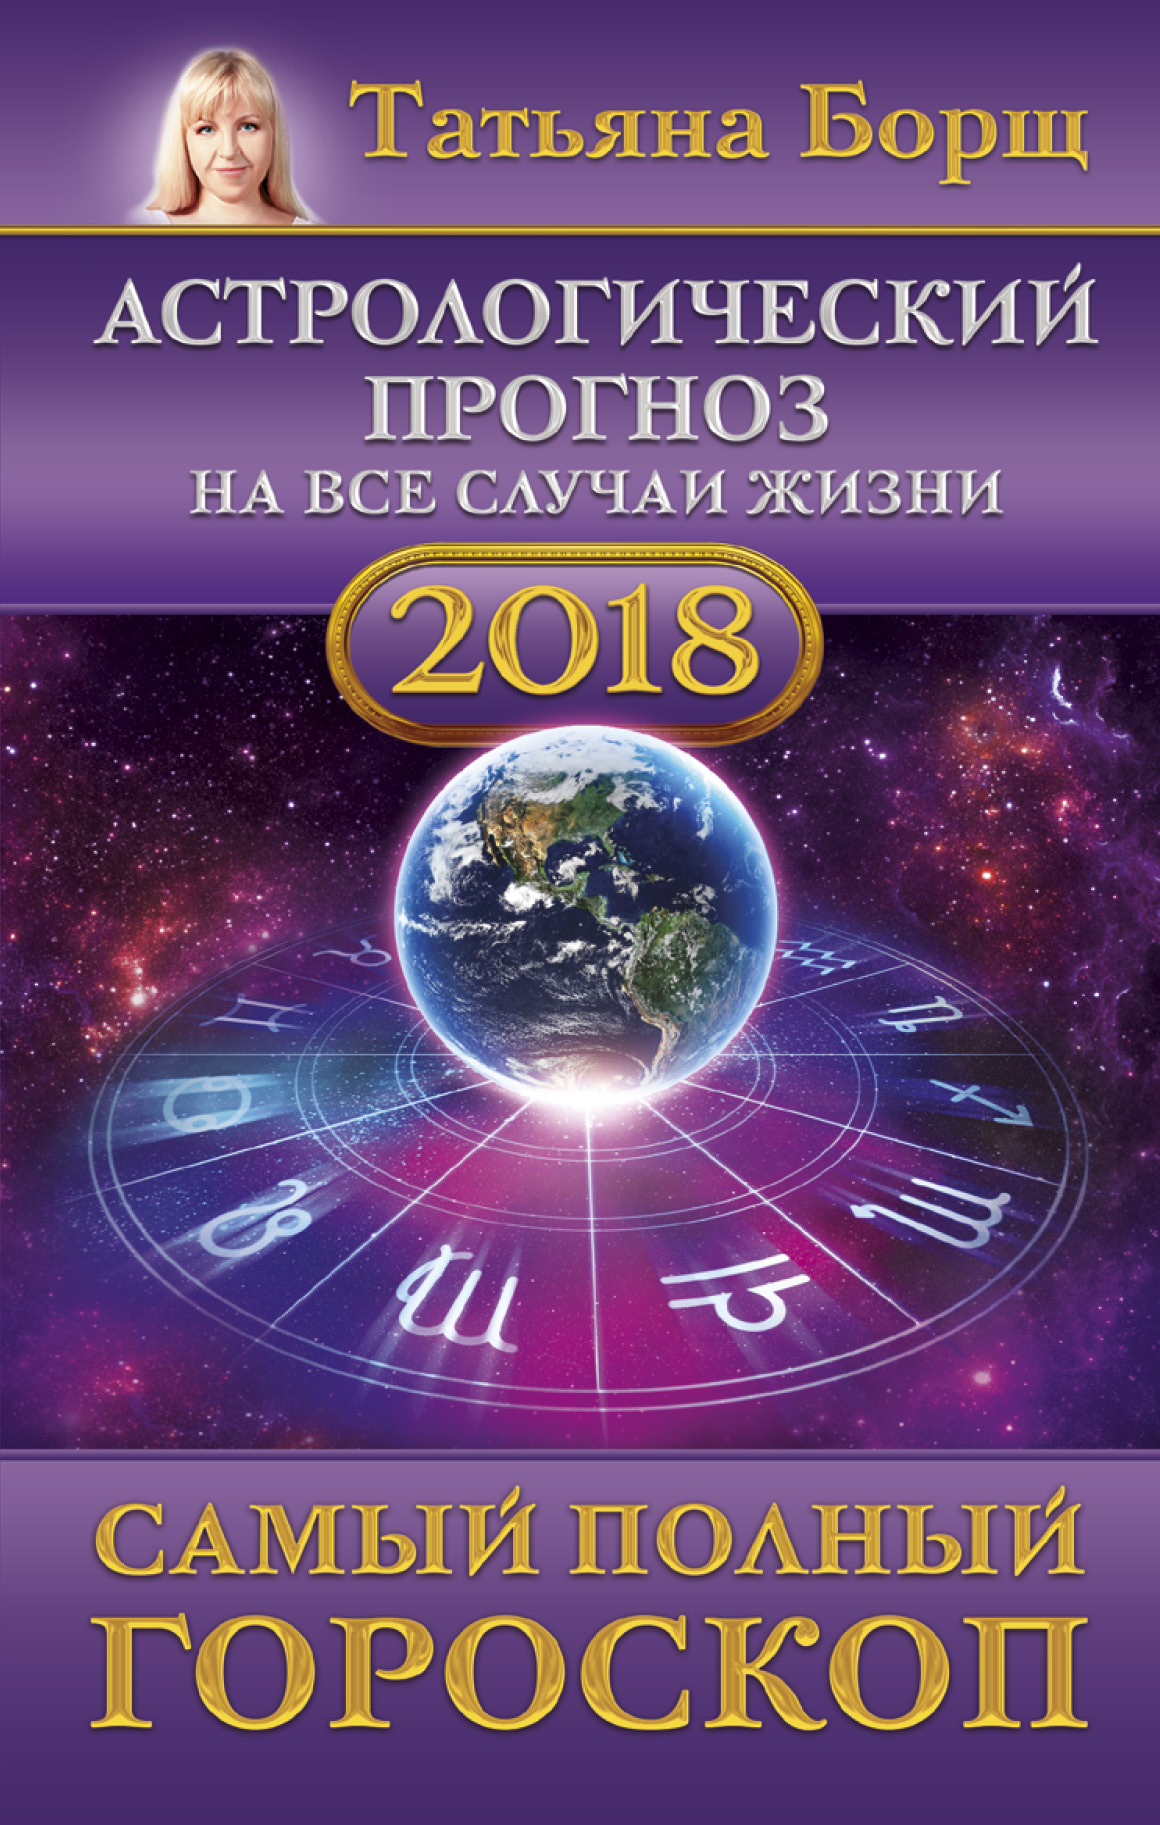 Астрологический прогноз на октябрь 2018 год по знакам зодиака